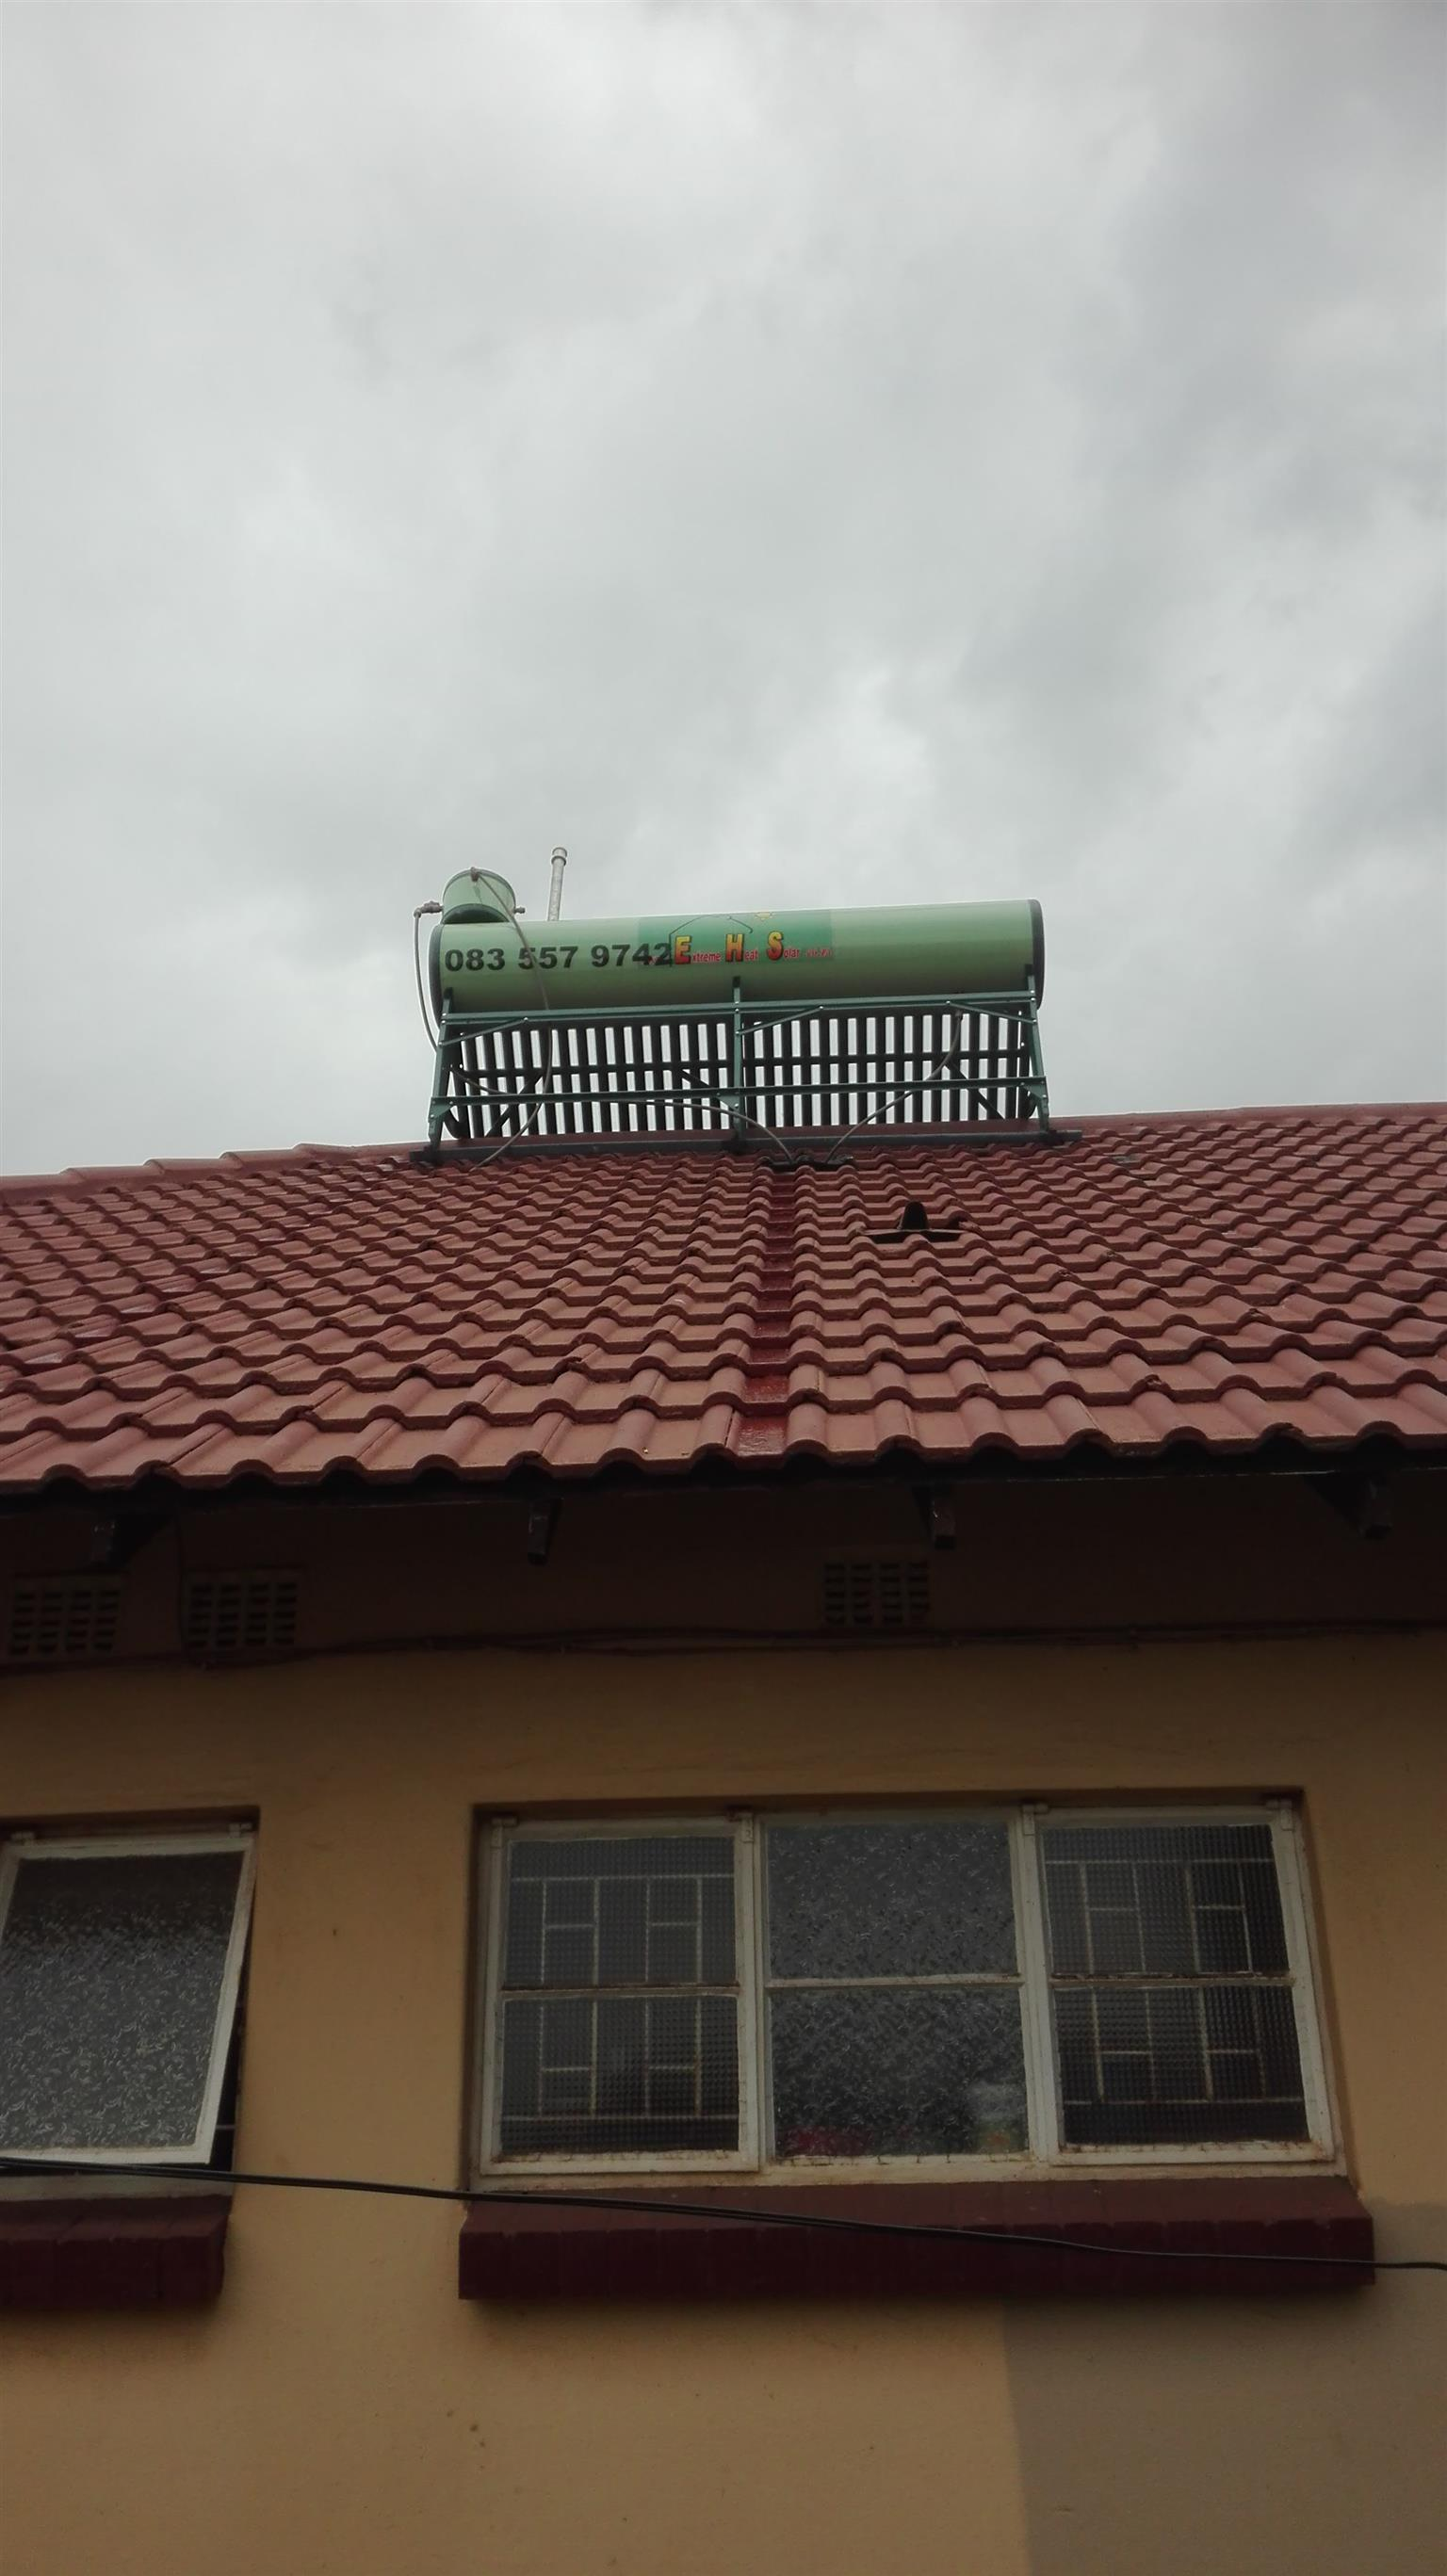 House in Stilfontein with Solar Geyser for sale